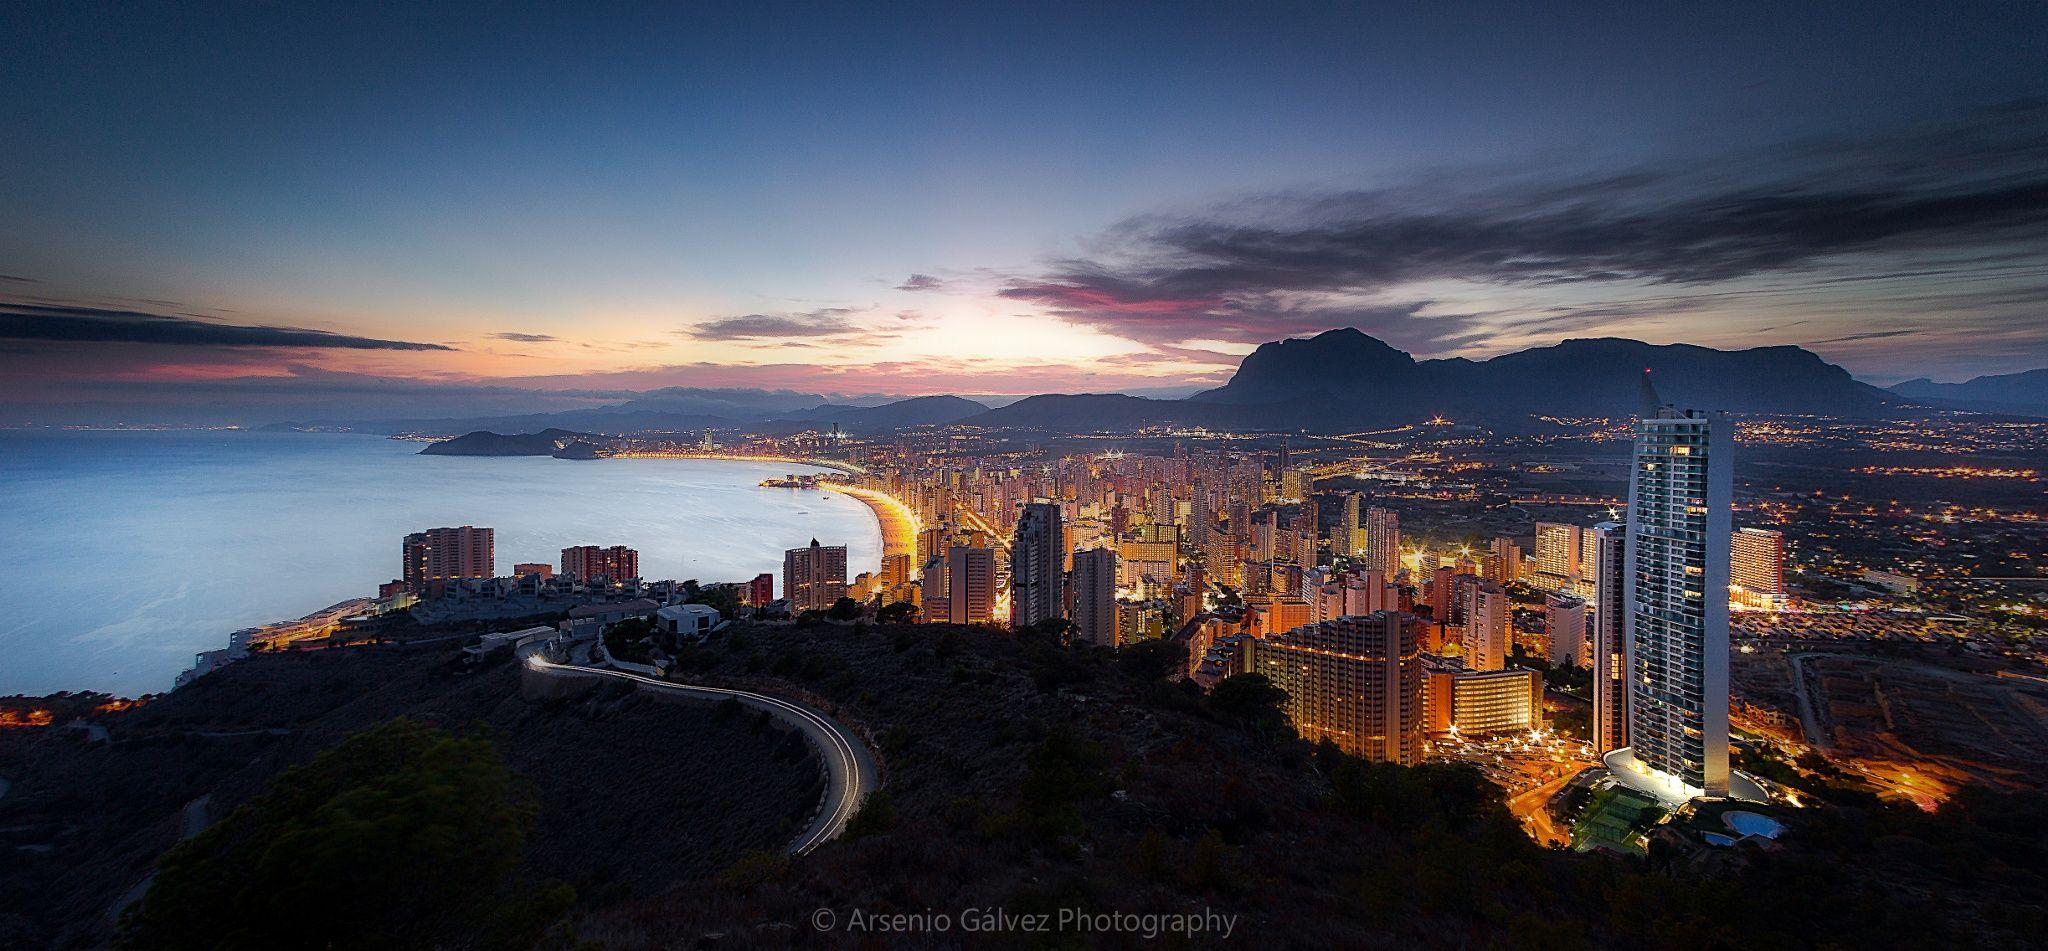 City & Lights by Arsenio Gálvez on 500px